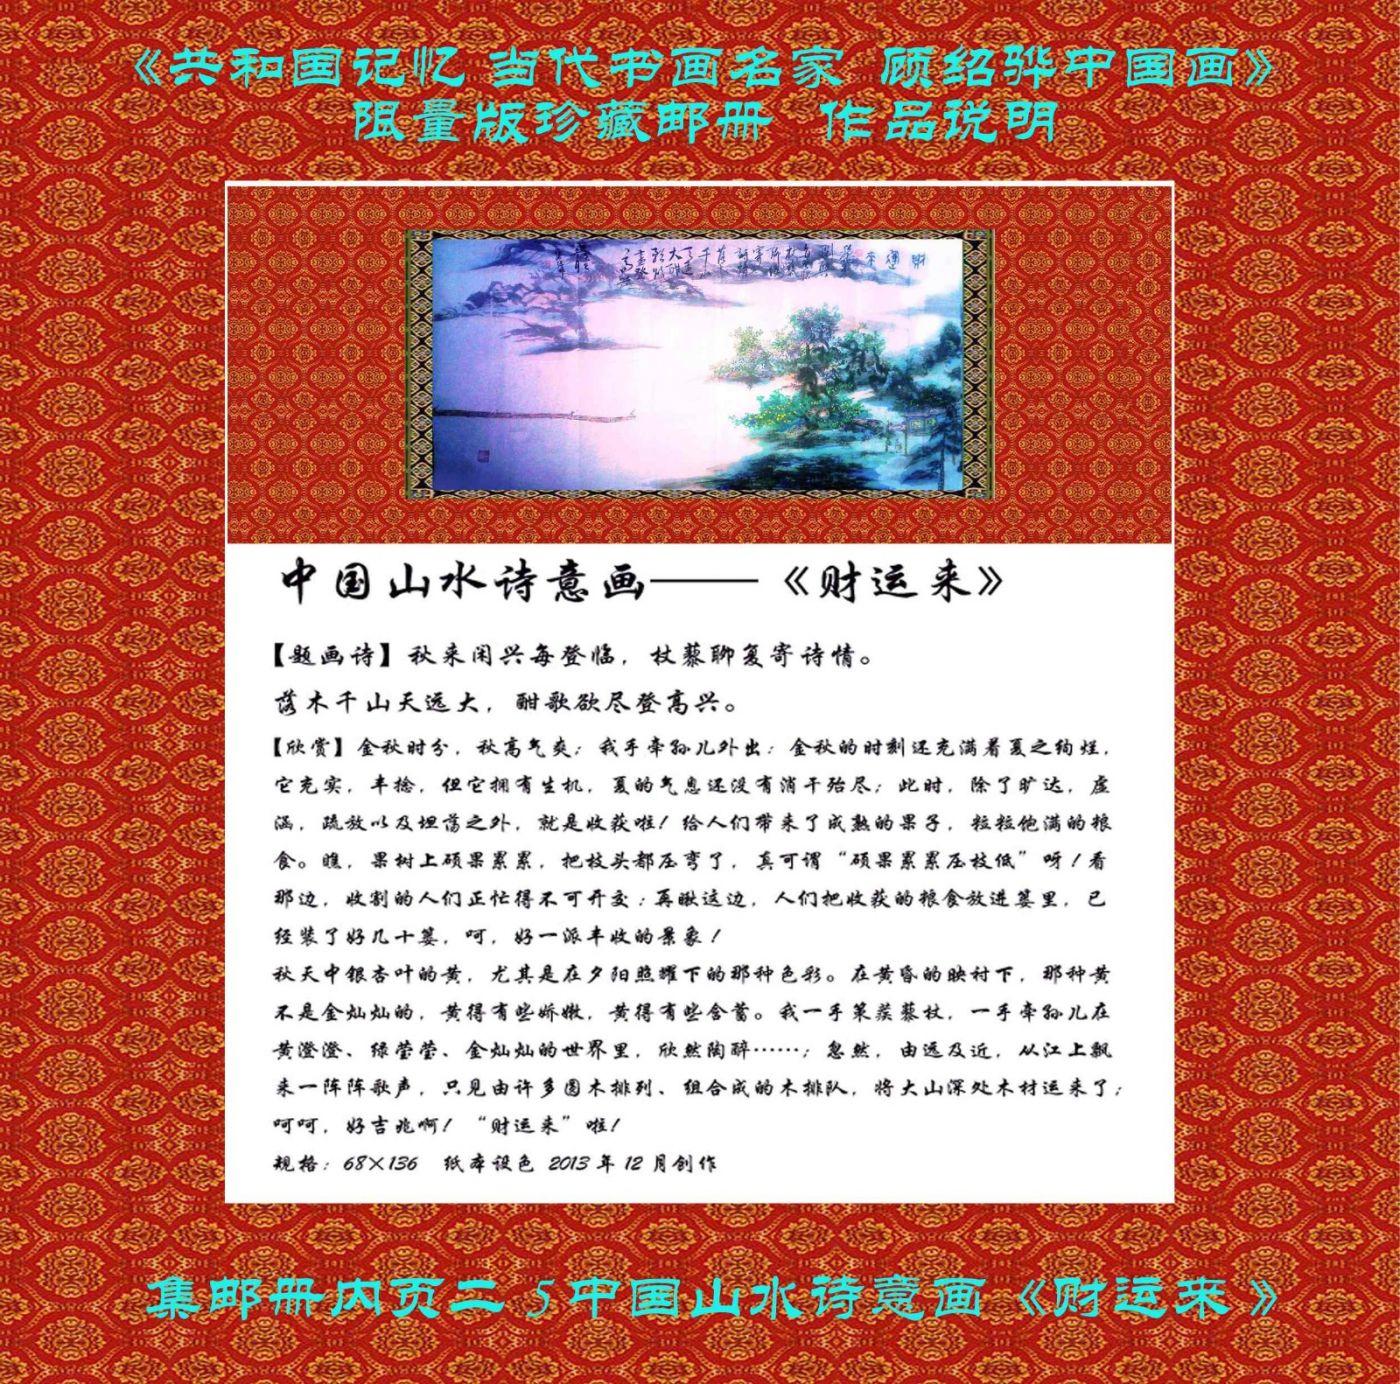 """""""顾绍骅的诗情画意""""入选《共和国记忆 ·中国书画艺术名家》限量版集邮珍藏册 ..._图1-8"""